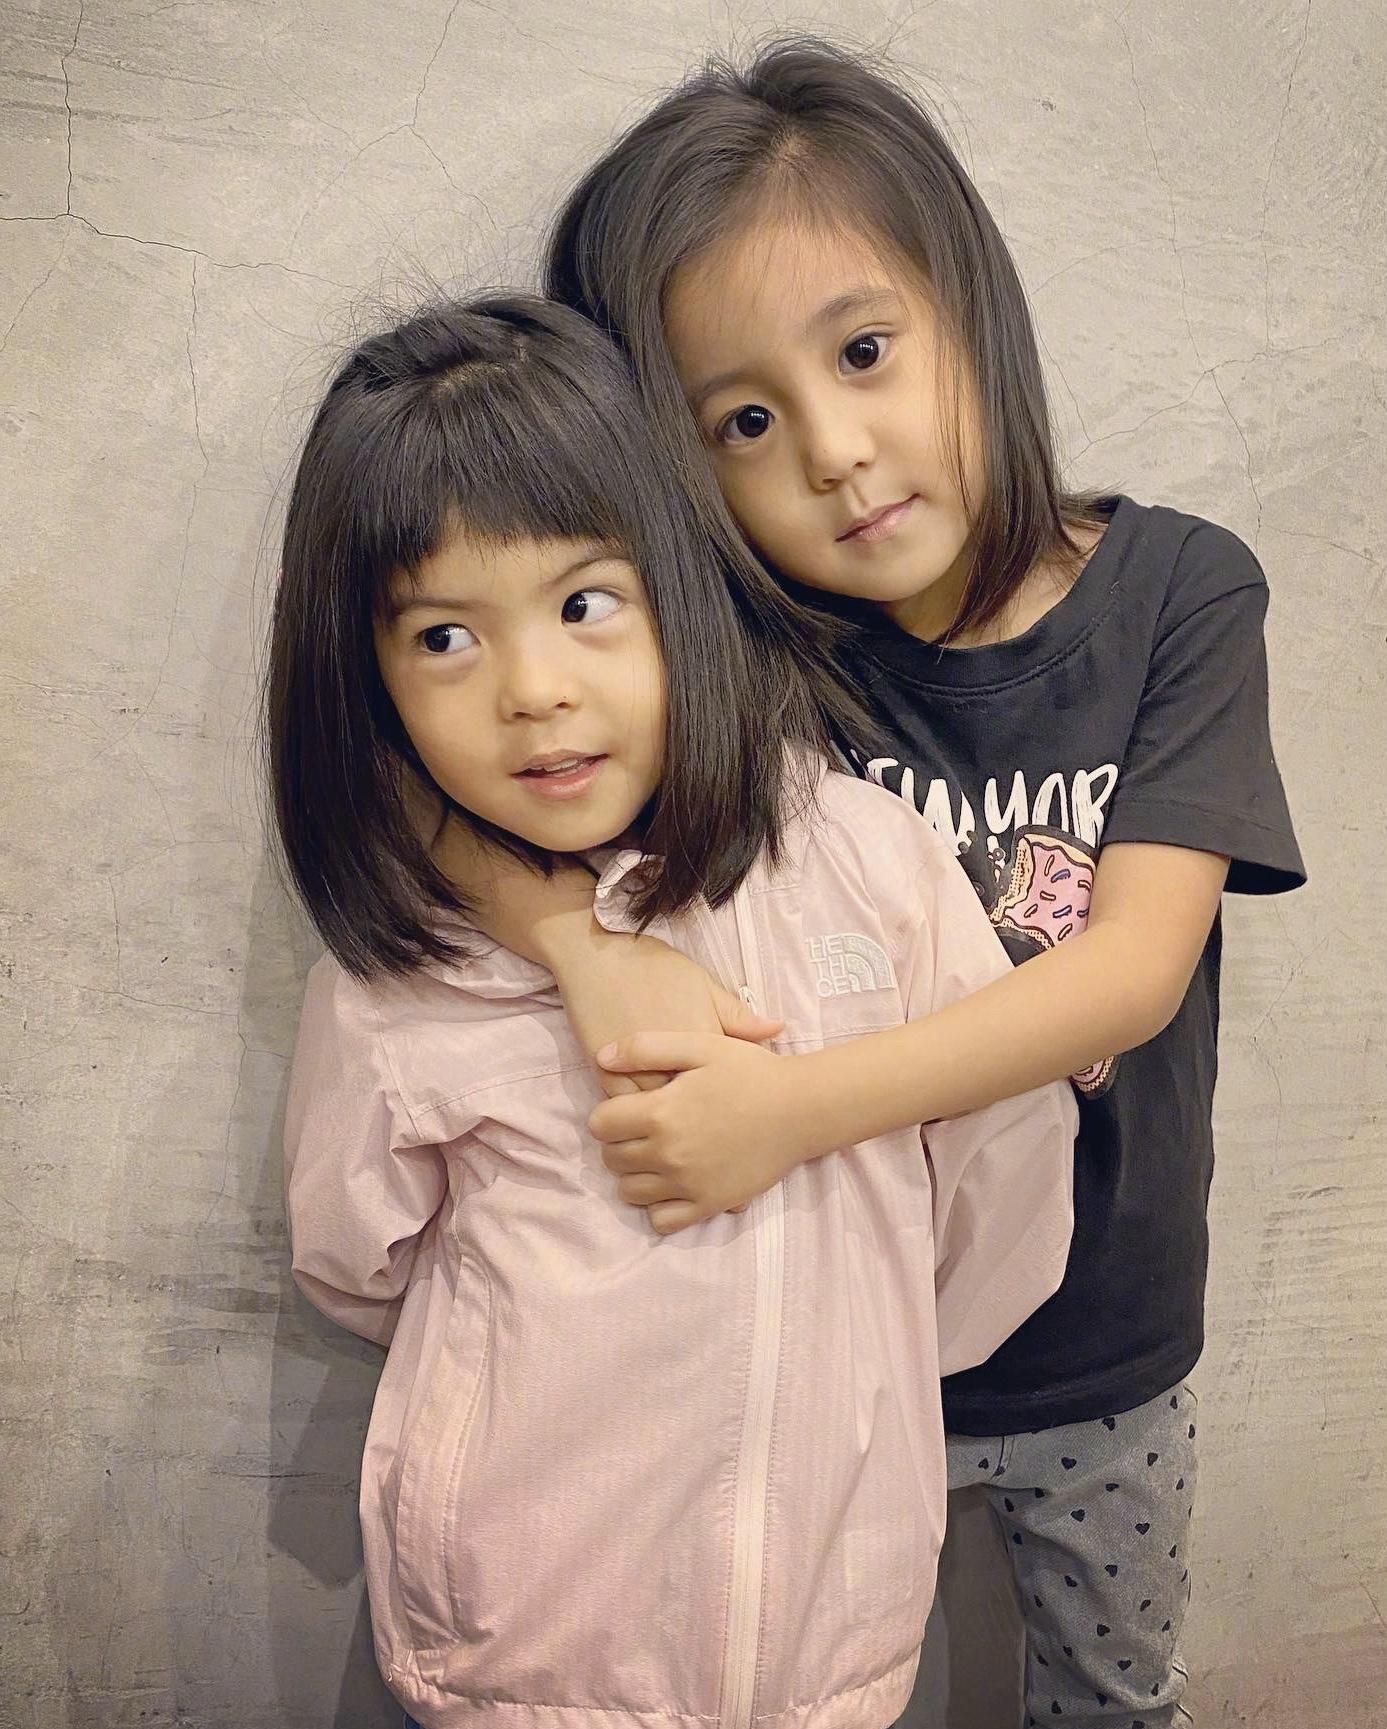 原创贾静雯俩女儿颜值高!晒理发照片都像拍大片,网友:专挑优点遗传